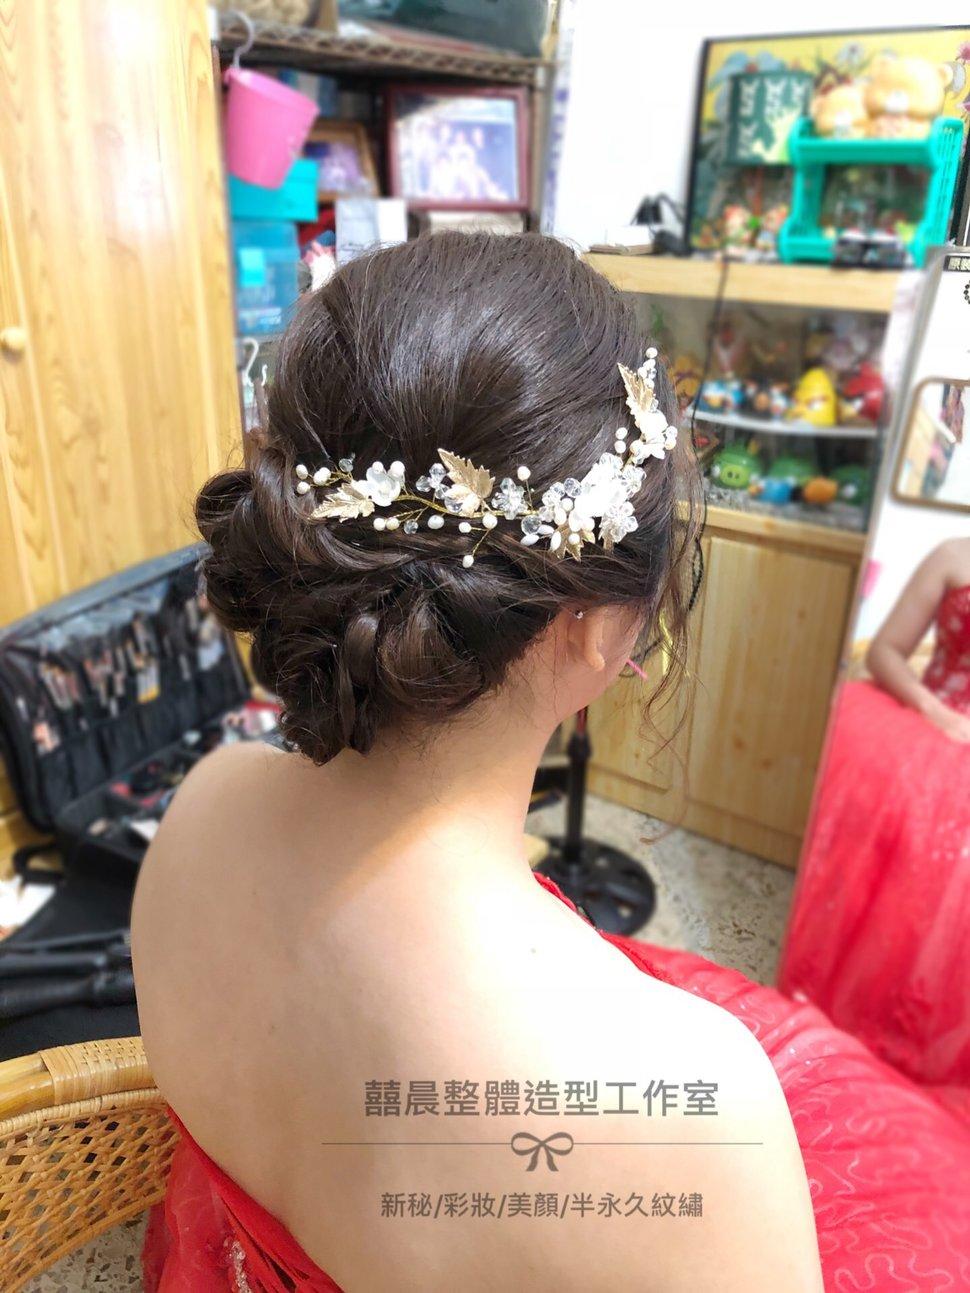 0A0DE6C3-4FB2-4D5E-9387-CE85C0C491EB - 囍晨C.C. Beauty Studio《結婚吧》